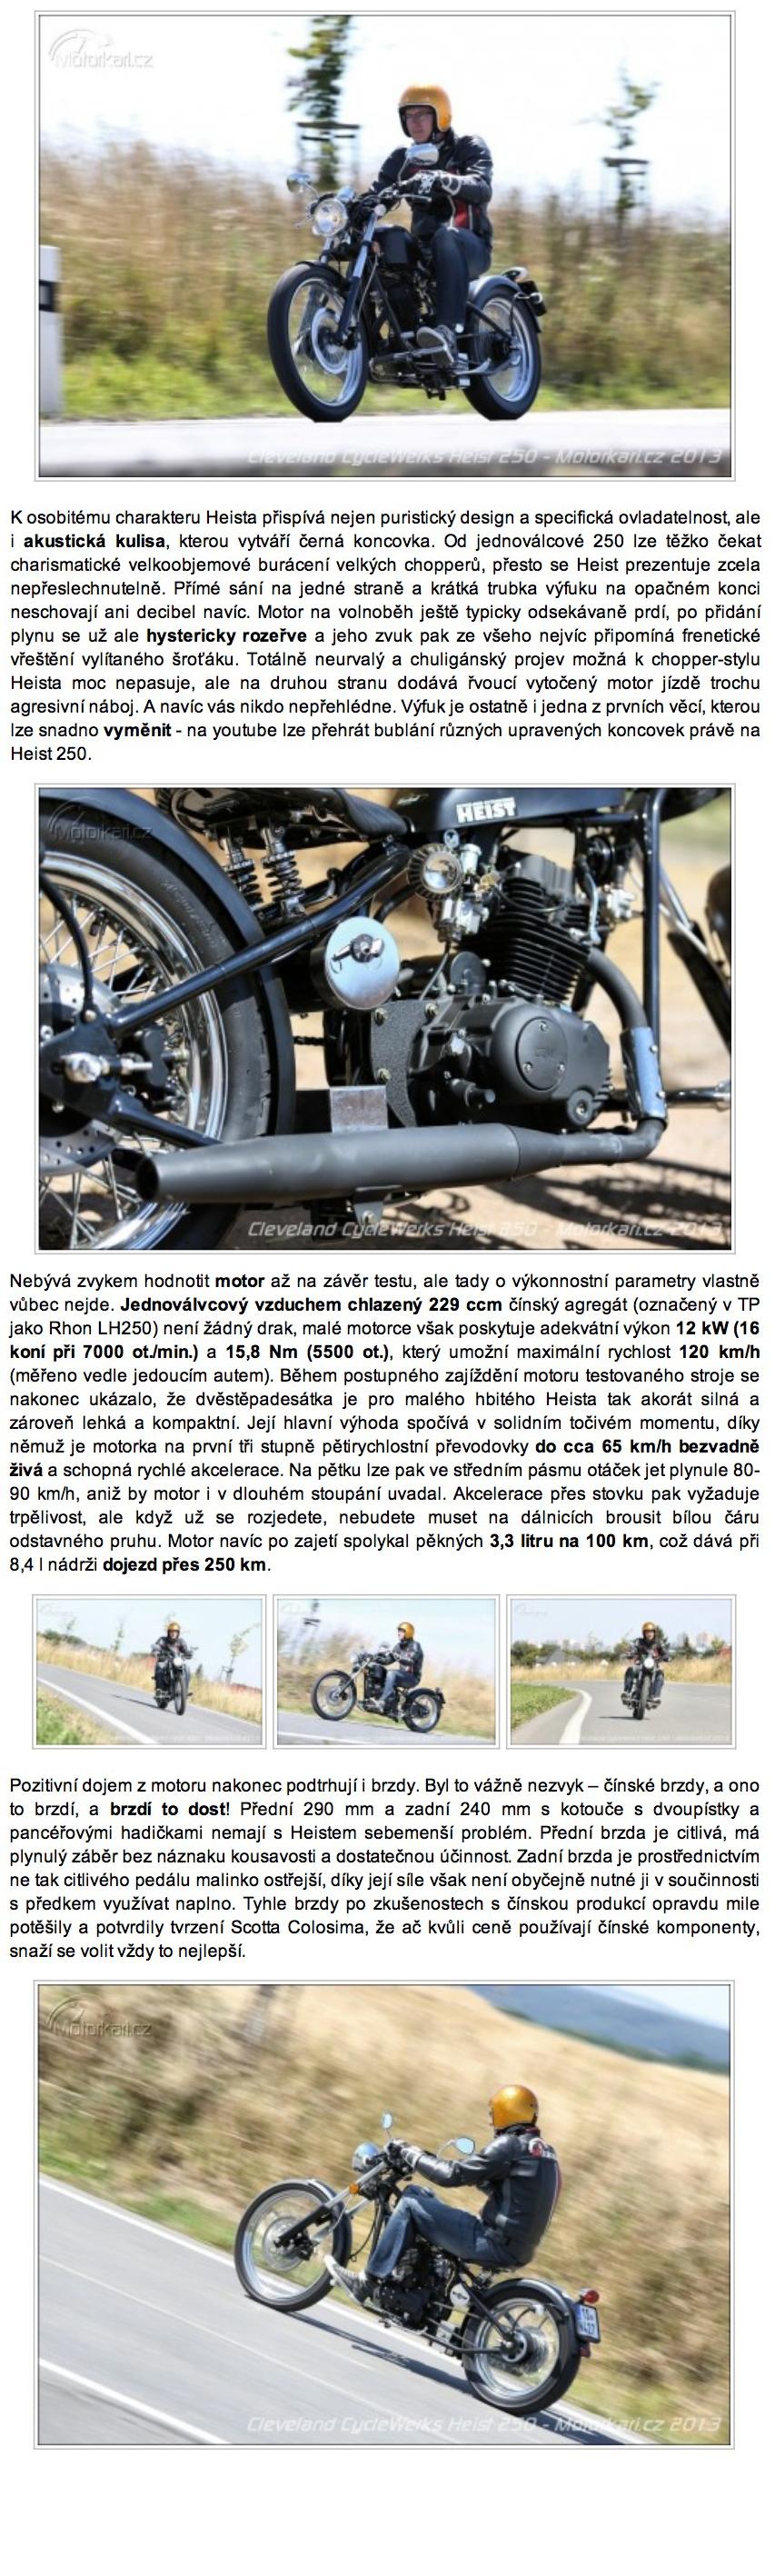 Motorkari.cz-2013-Heist-Czech-03.jpg